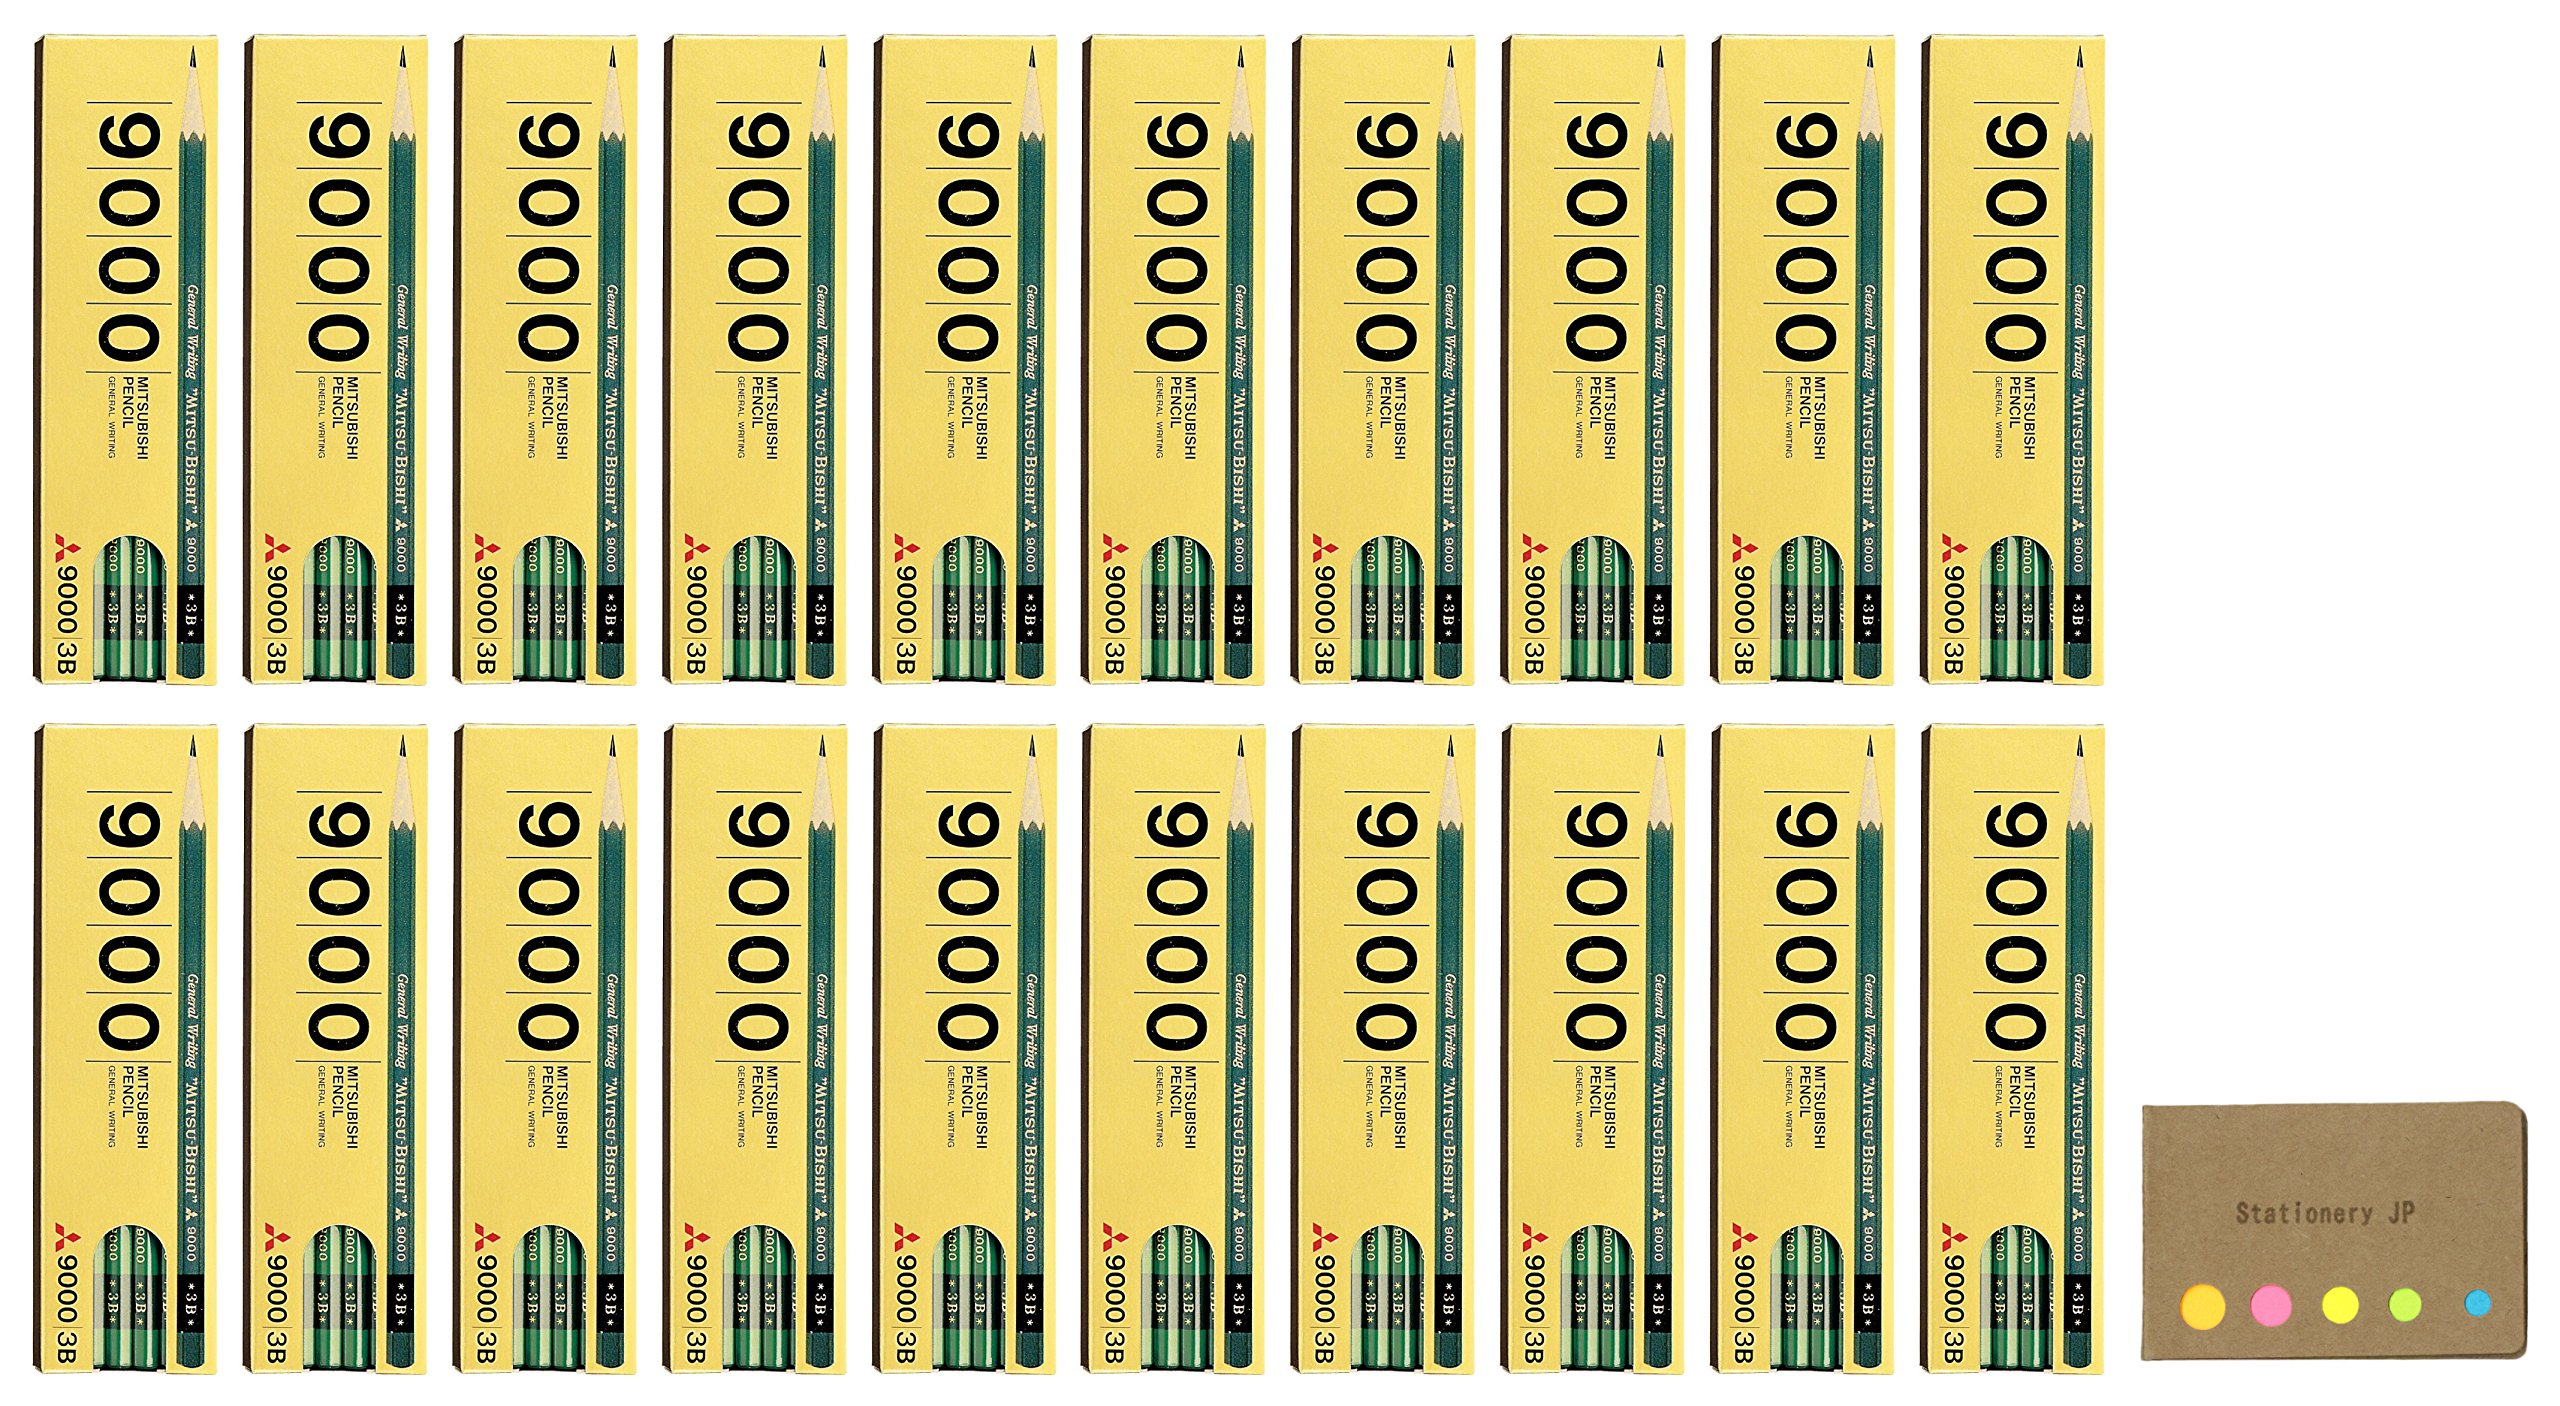 Uni Mitsubishi 9000 Pencil, 3B, 20-pack/total 240 pcs, Sticky Notes Value Set